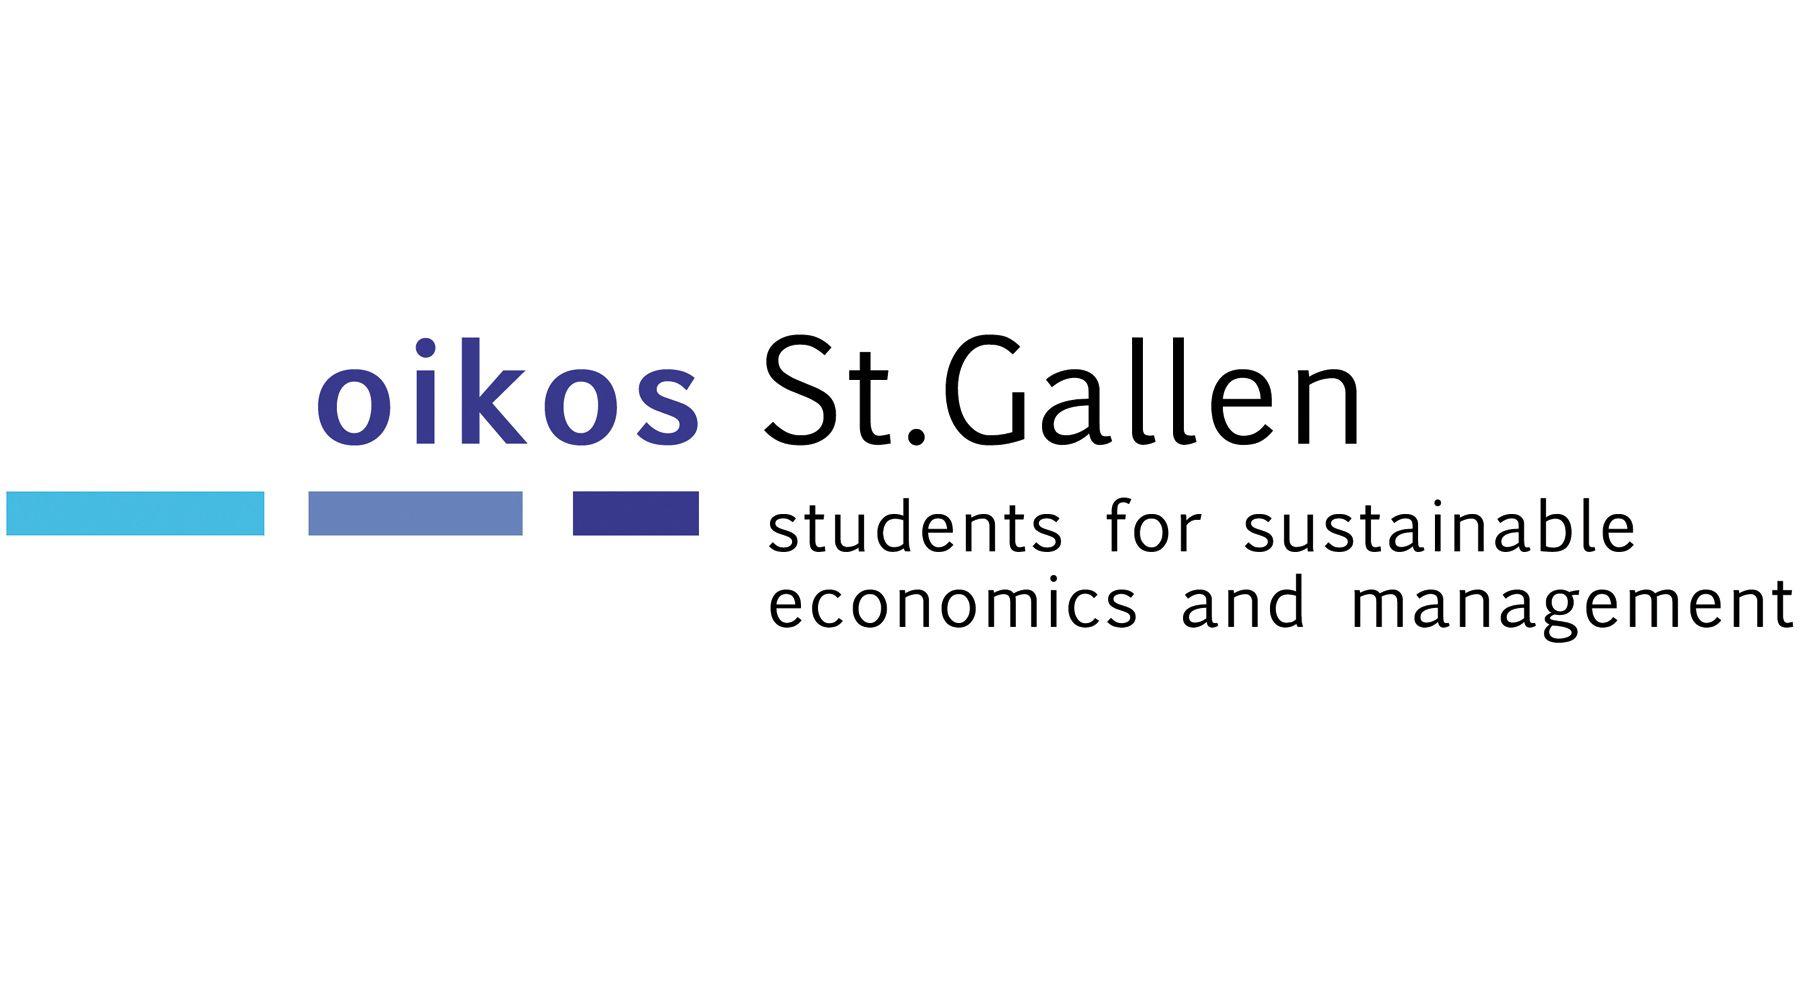 oikos St. Gallen